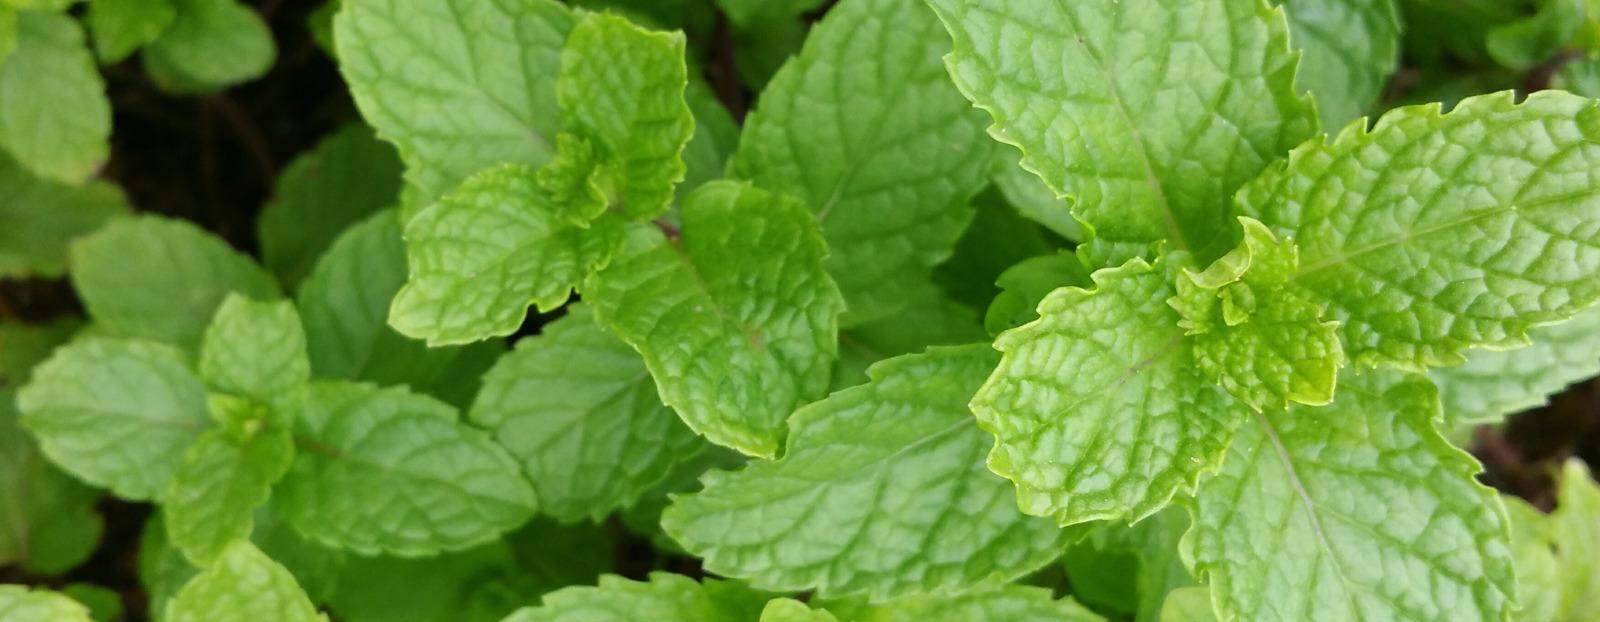 Field mint in its natural habitat